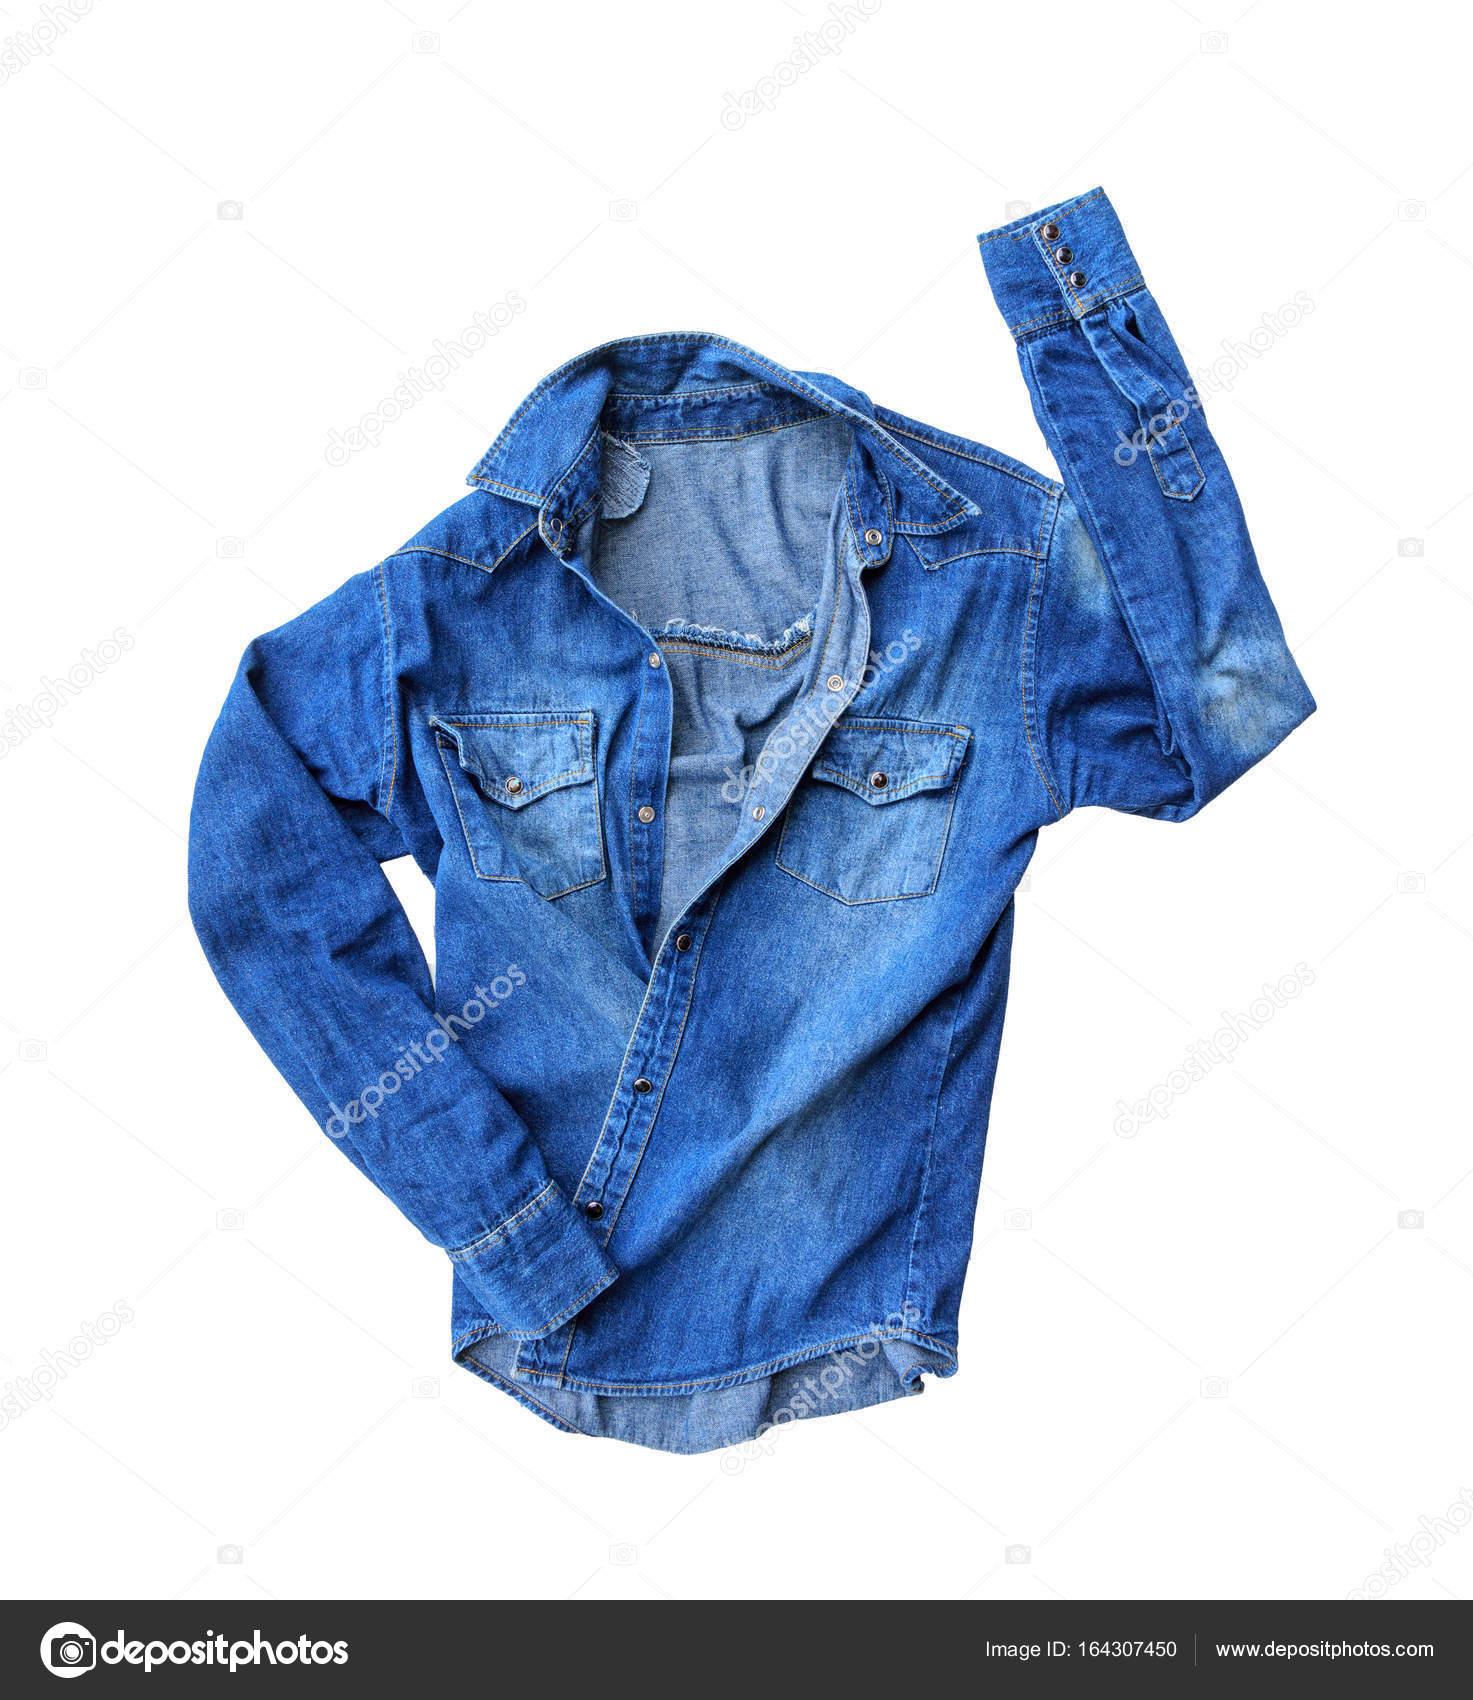 5fdadb86d26c Κοντινό πλάνο μπλε τζιν τζιν πουκάμισο που απομονώνονται σε λευκό φόντο — Εικόνα  από thawornnulove